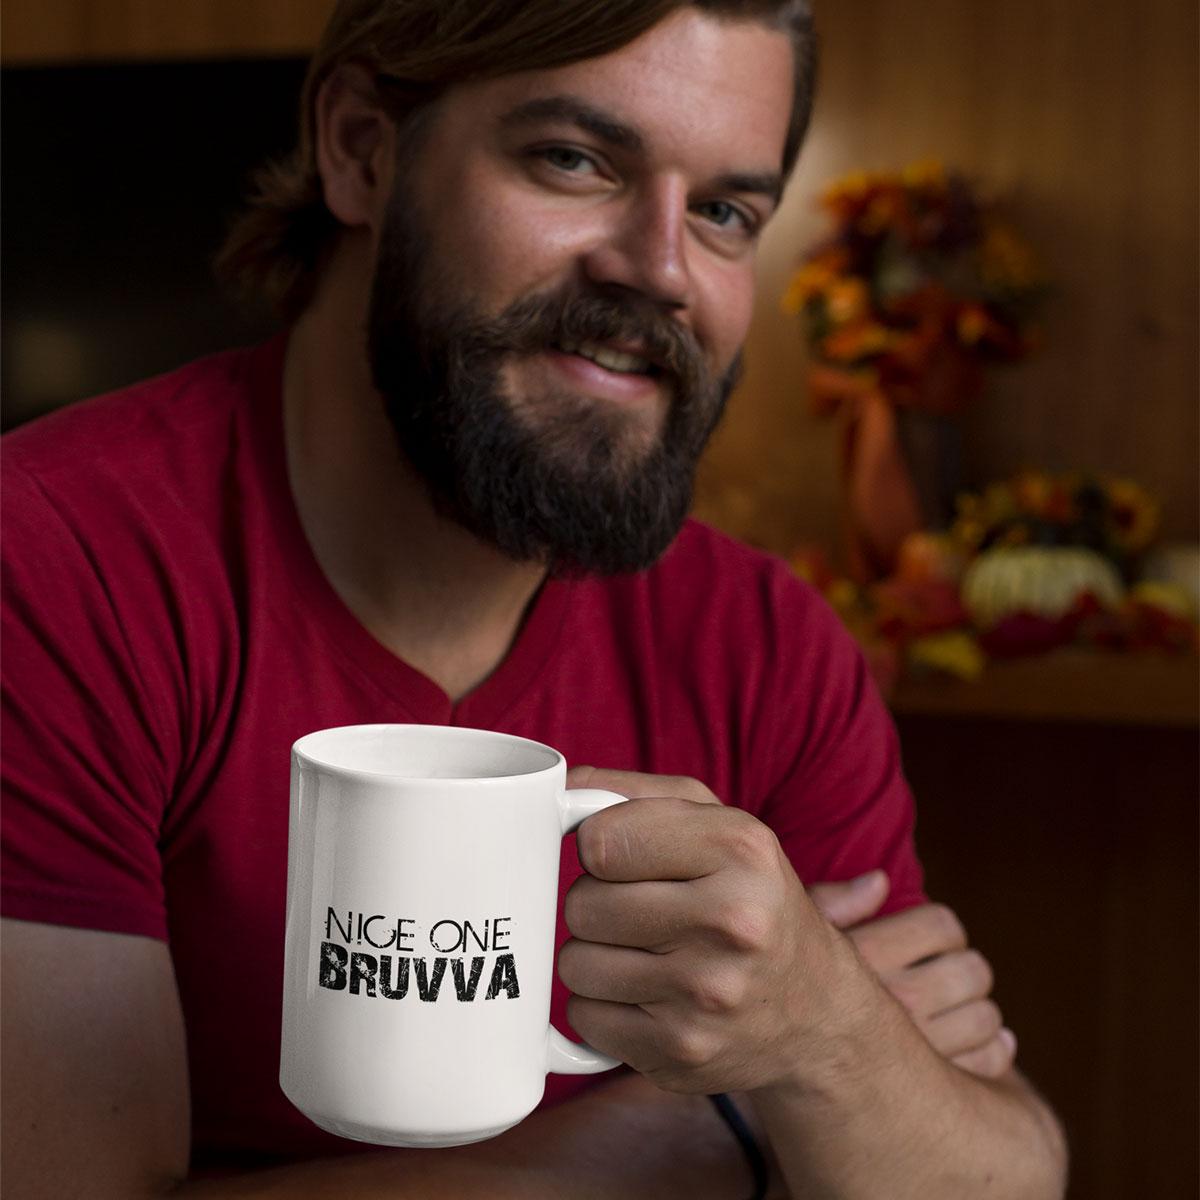 Nice-One-Bruvva-Mug-Mockup1